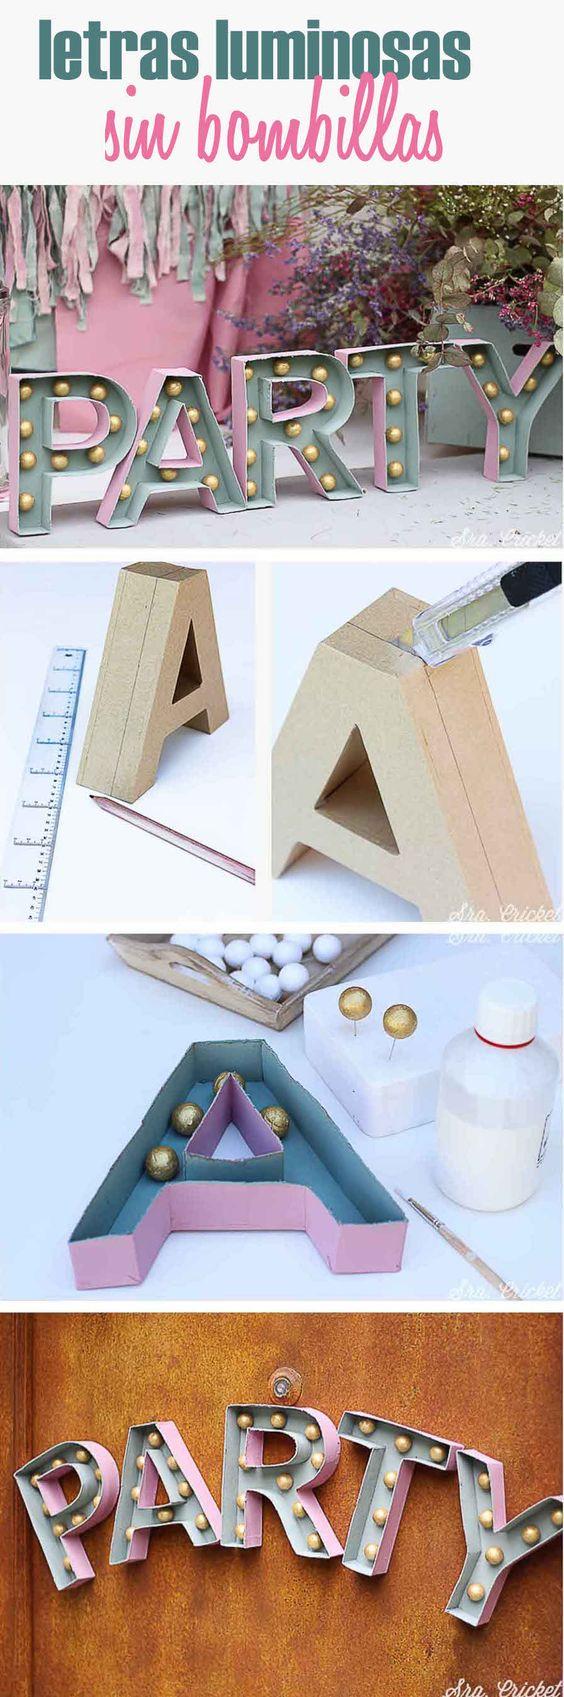 Como hacer letras gigantes de cartón